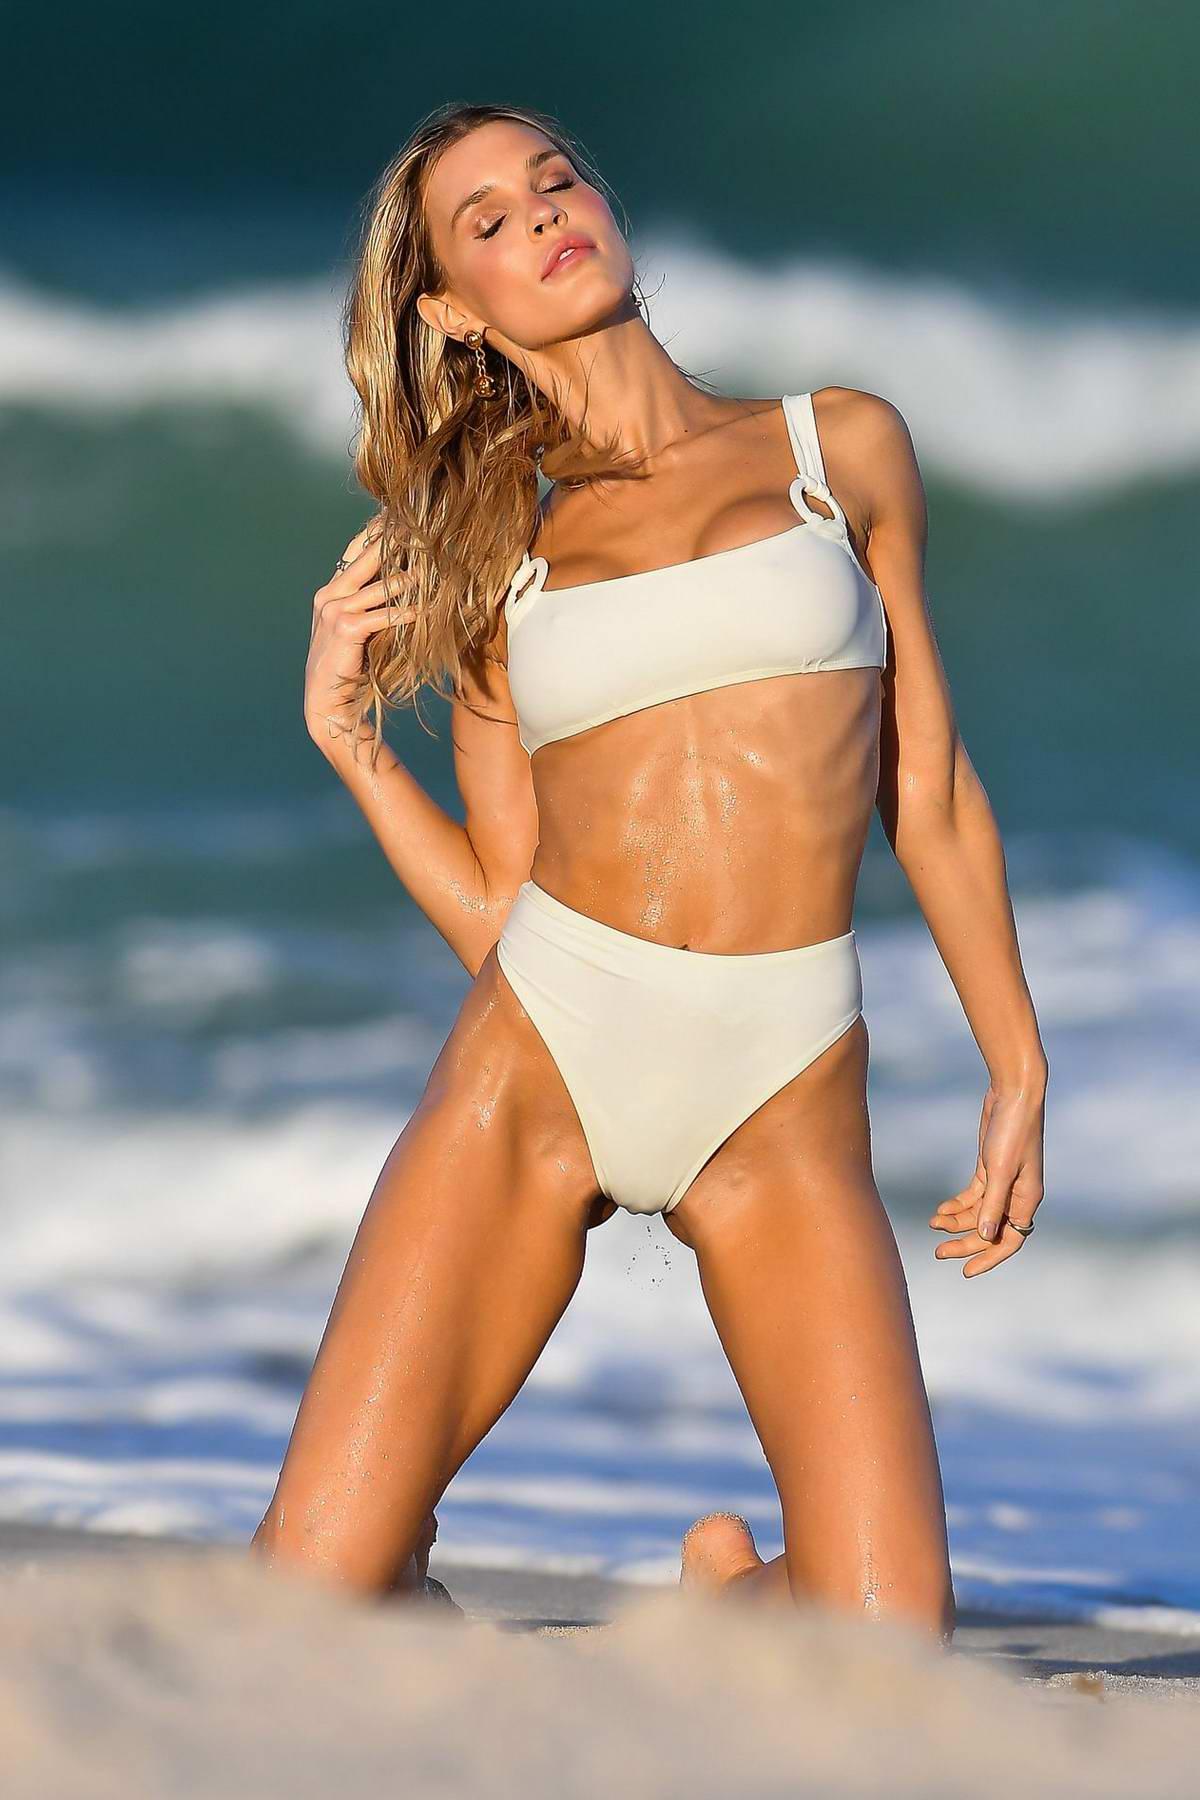 joy corrigan looks incredible in a white bikini during a ...